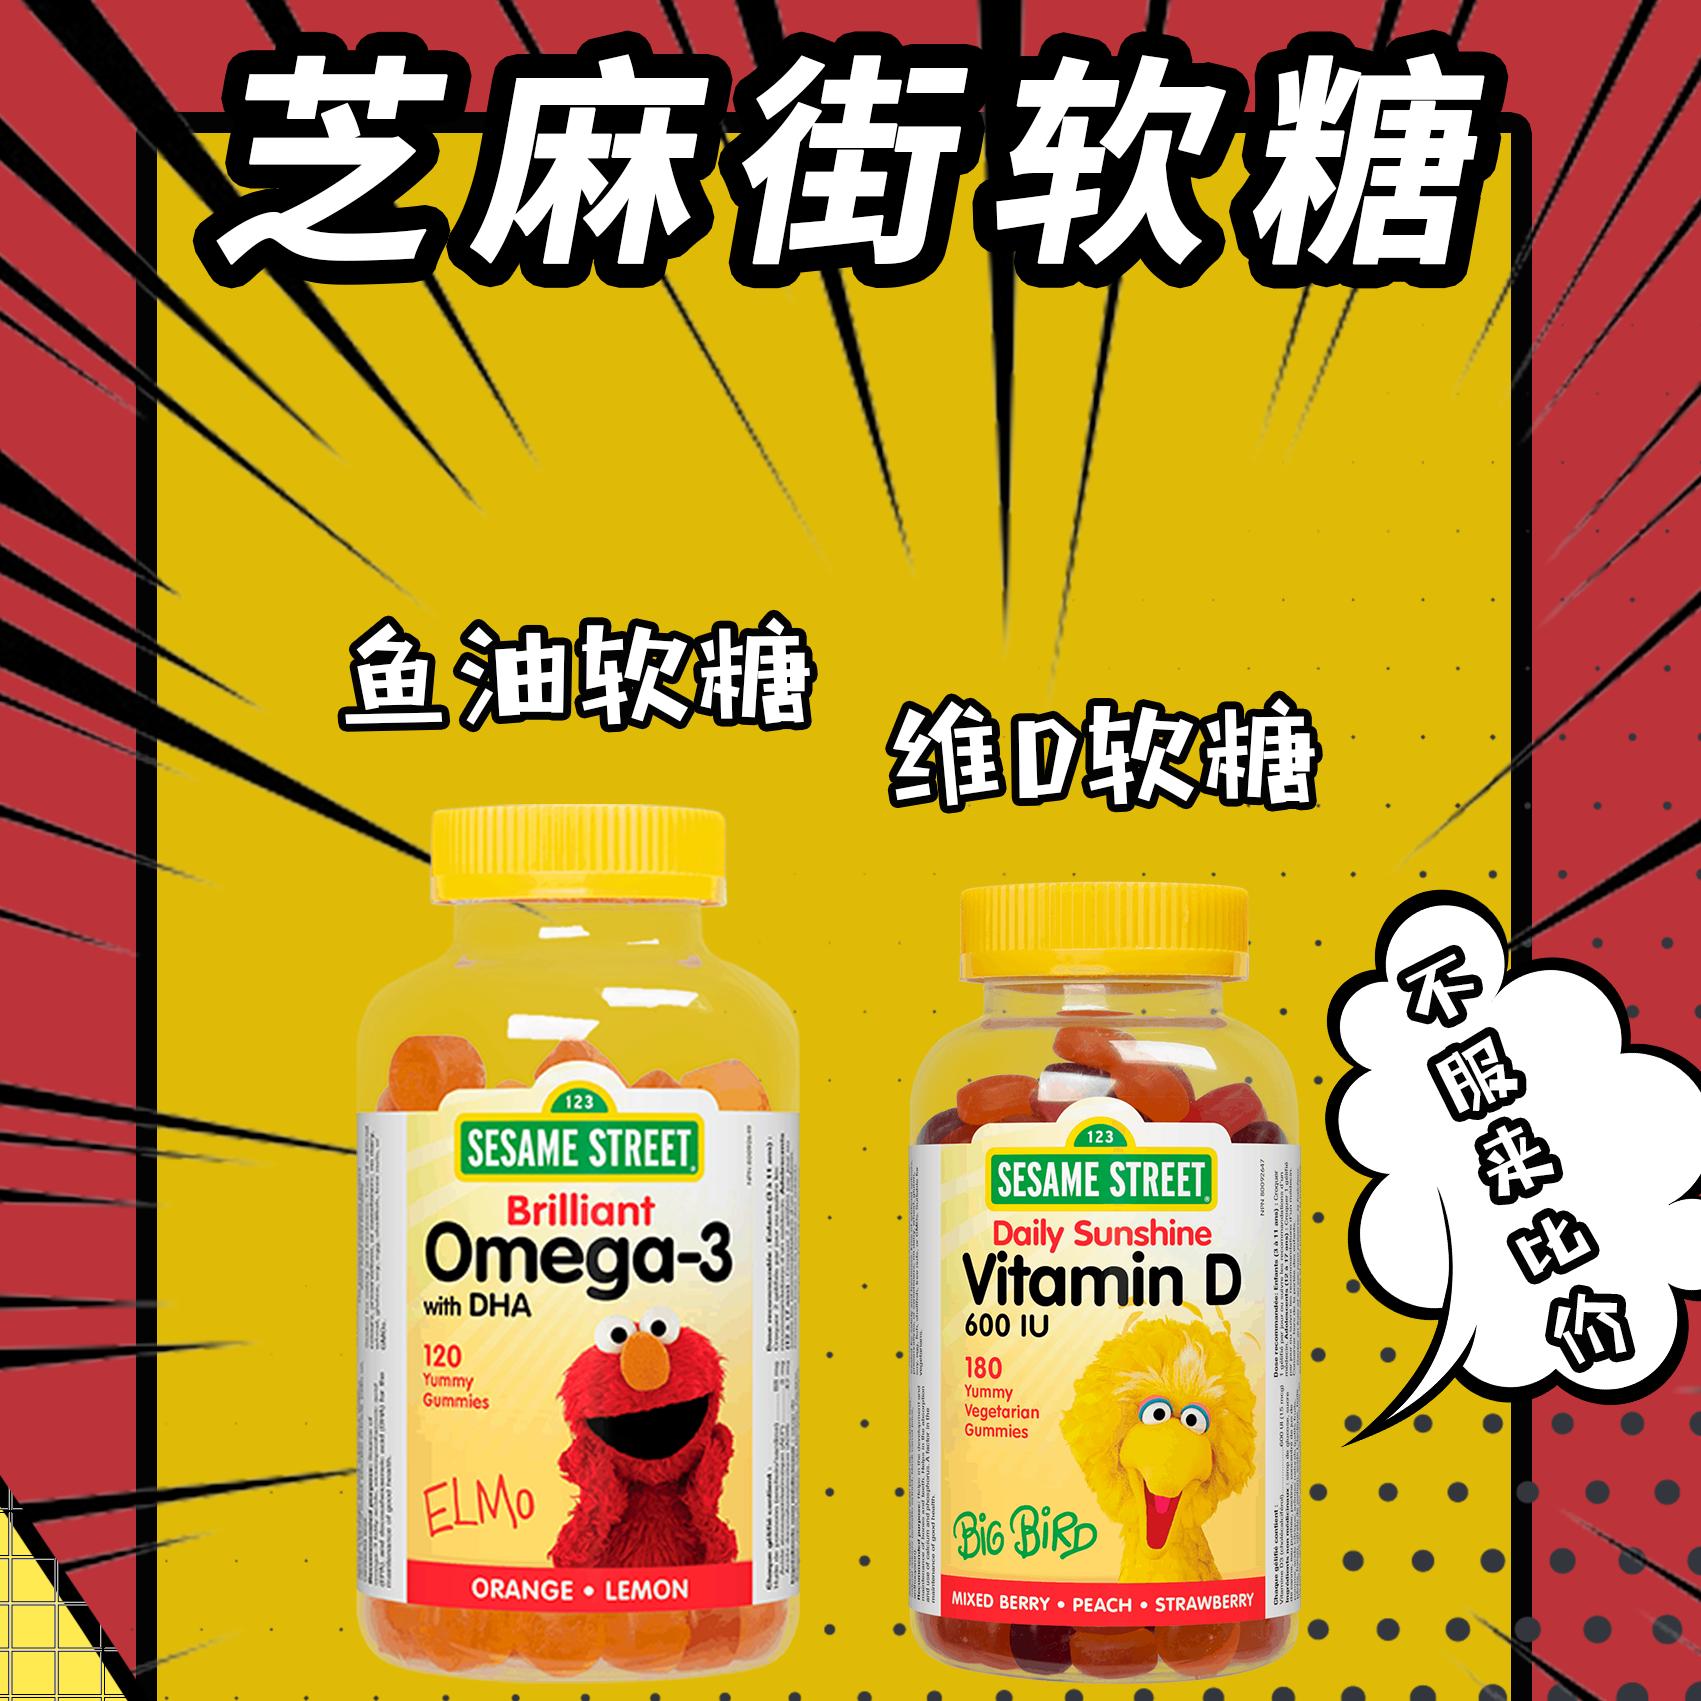 【芝麻街软糖组合特卖】鱼油 + 维生素D(寄回国请拍第三方物流)